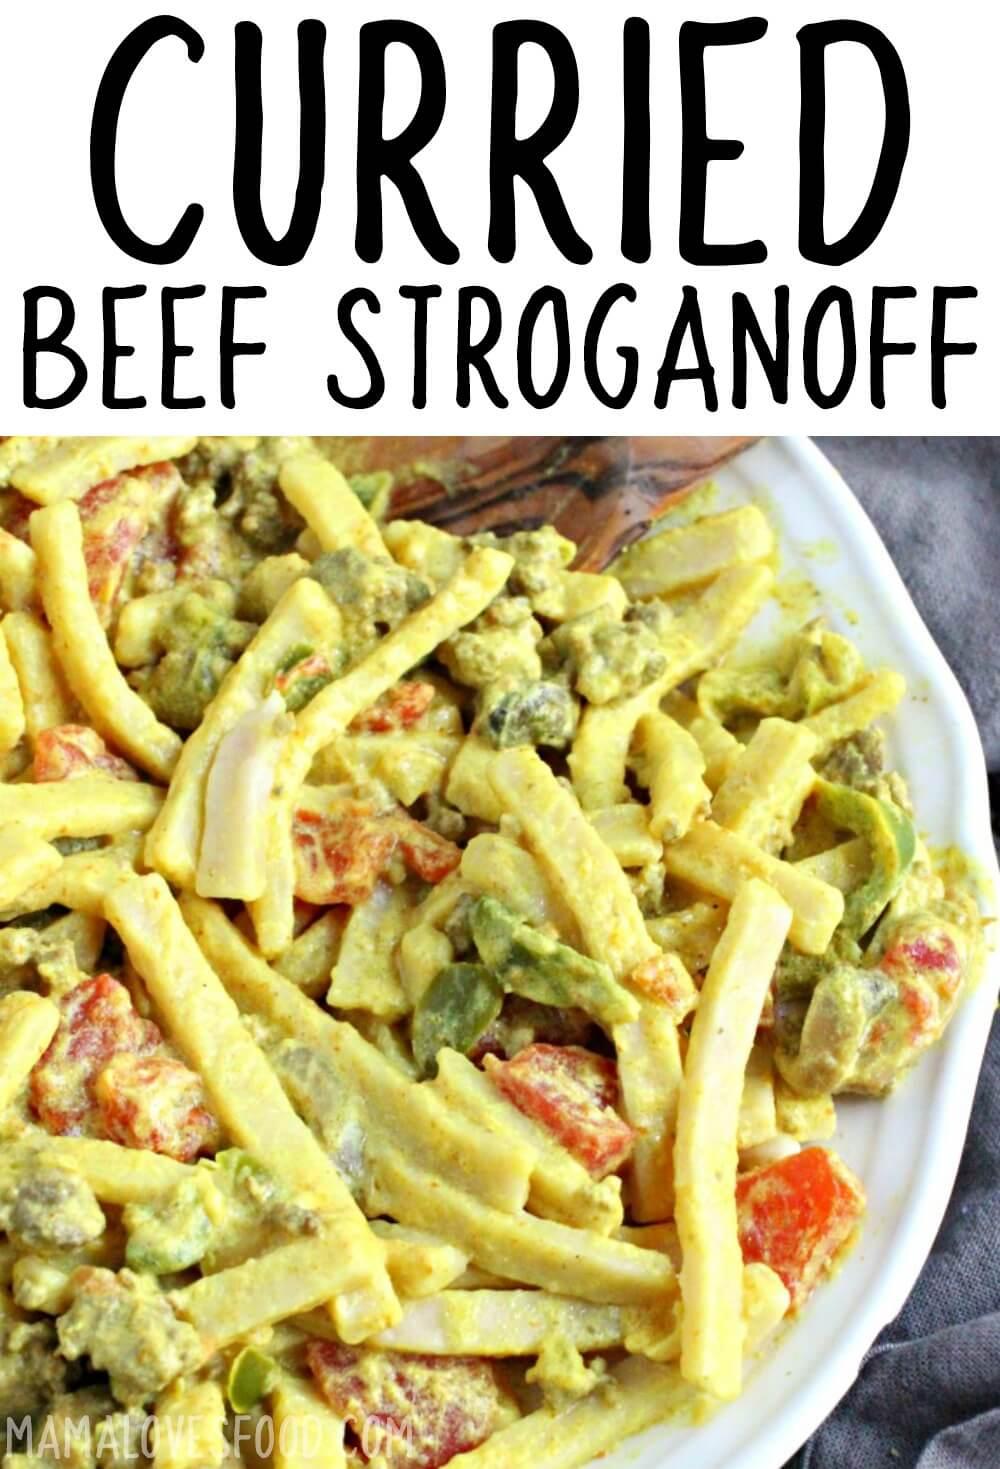 CURREIED BEEF STROGANOFF